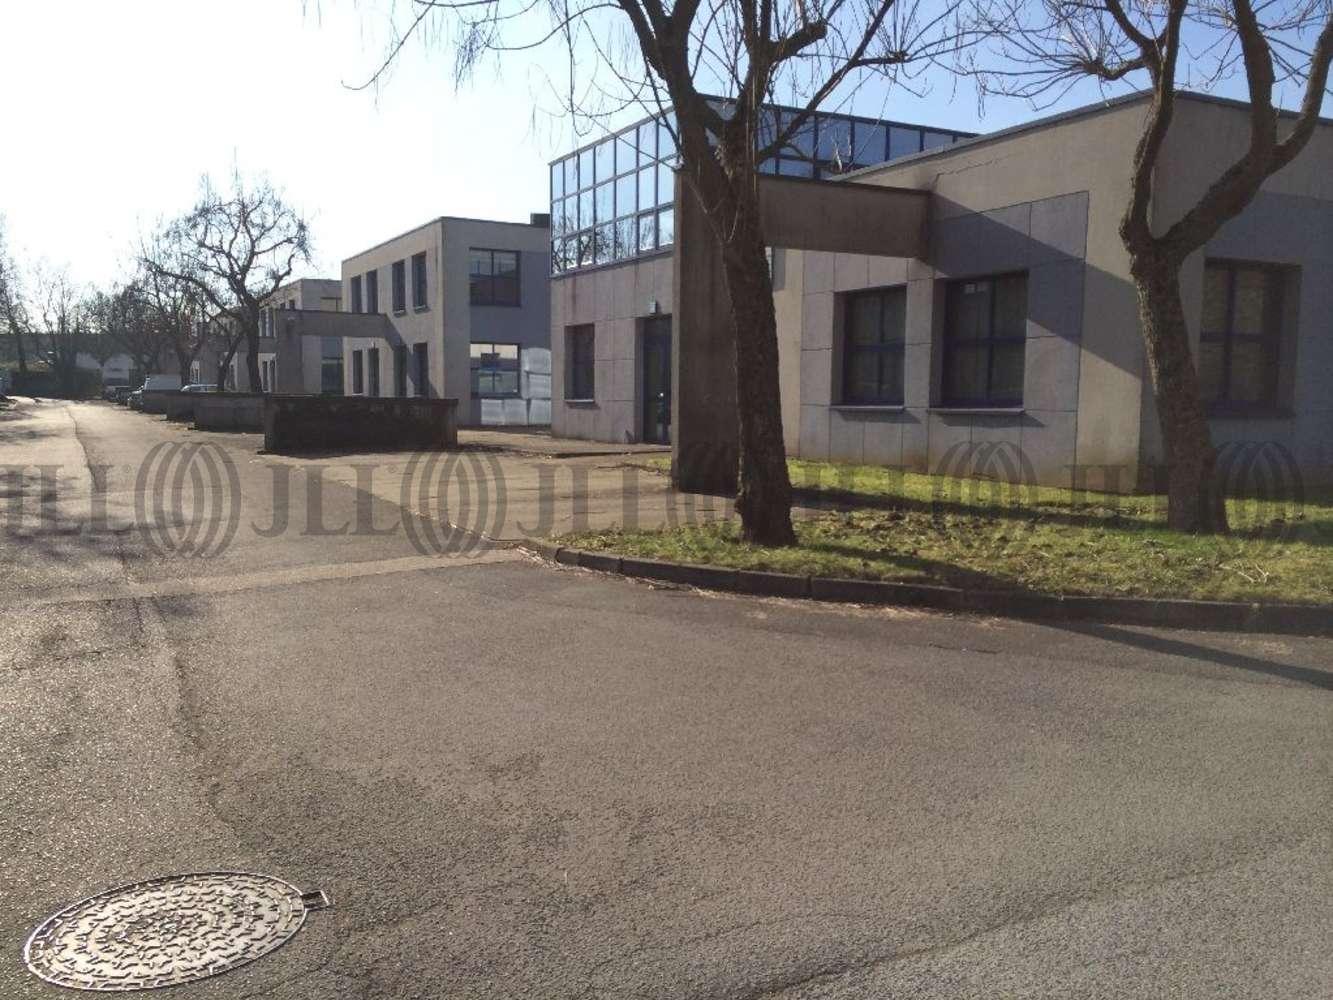 Activités/entrepôt Croissy beaubourg, 77183 - 6 BOULEVARD DE BEAUBOURG